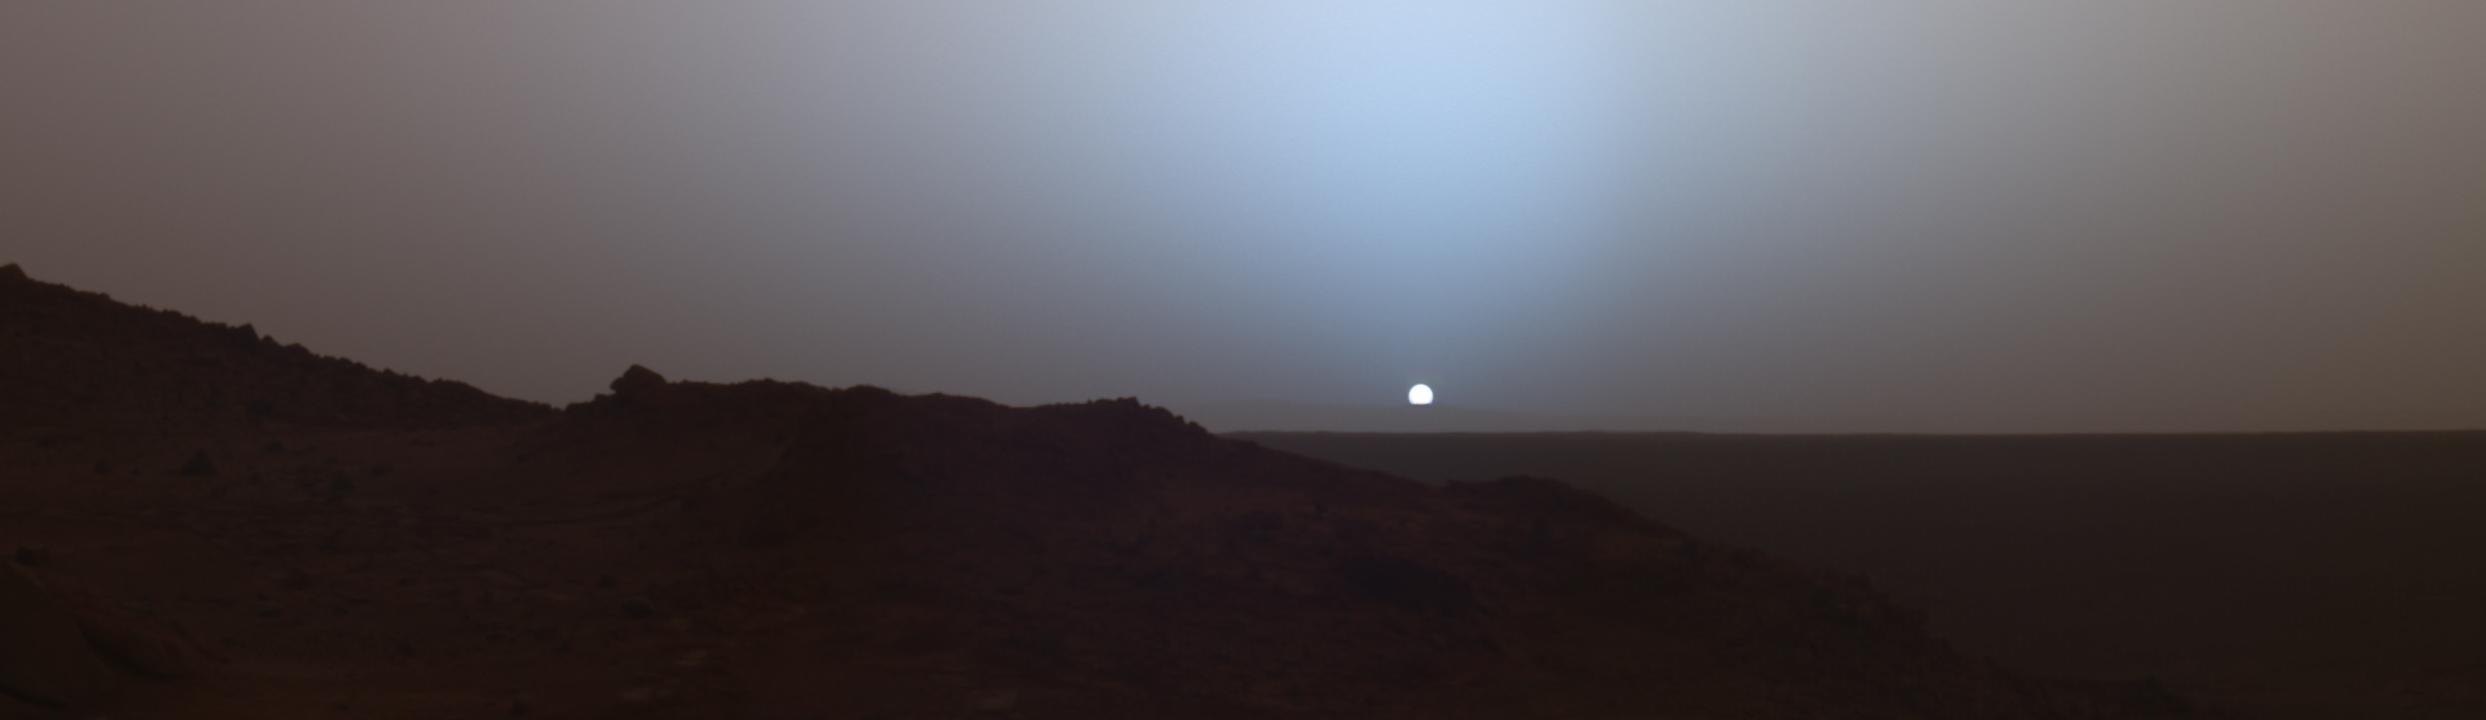 Mars Surface At Night